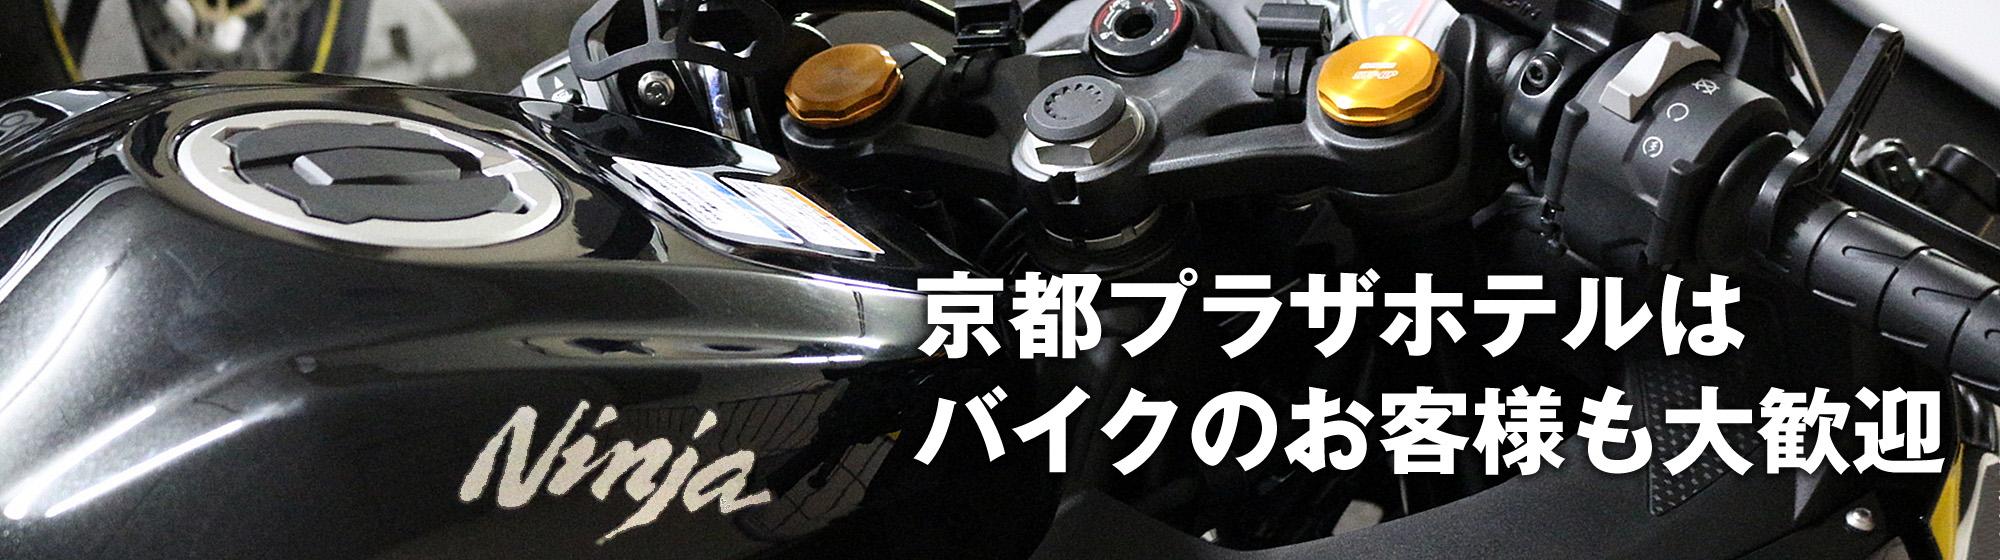 京都プラザホテルはバイクのお客様も大歓迎